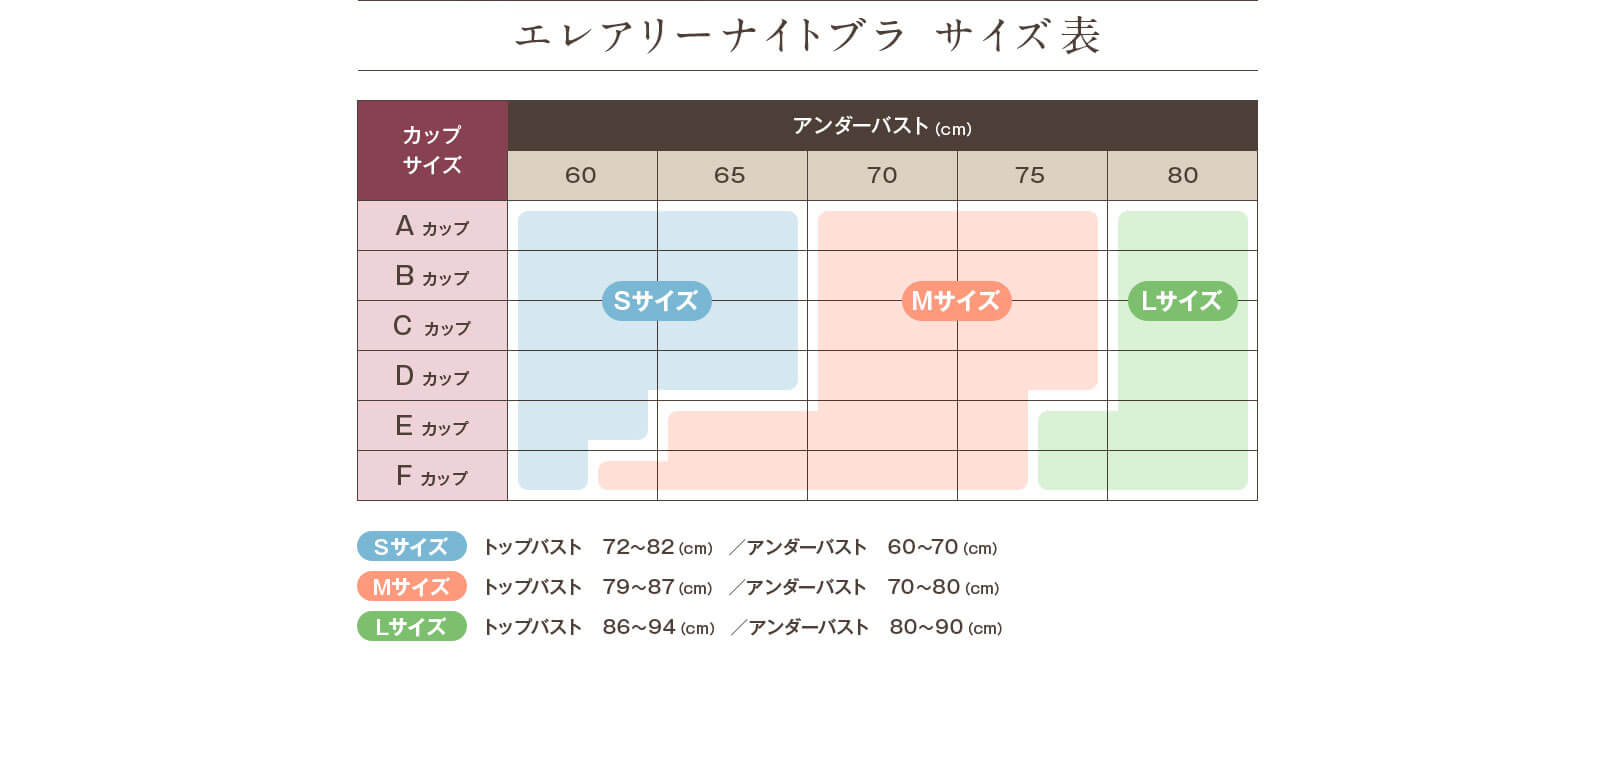 エレアリーナイトブラサイズ表